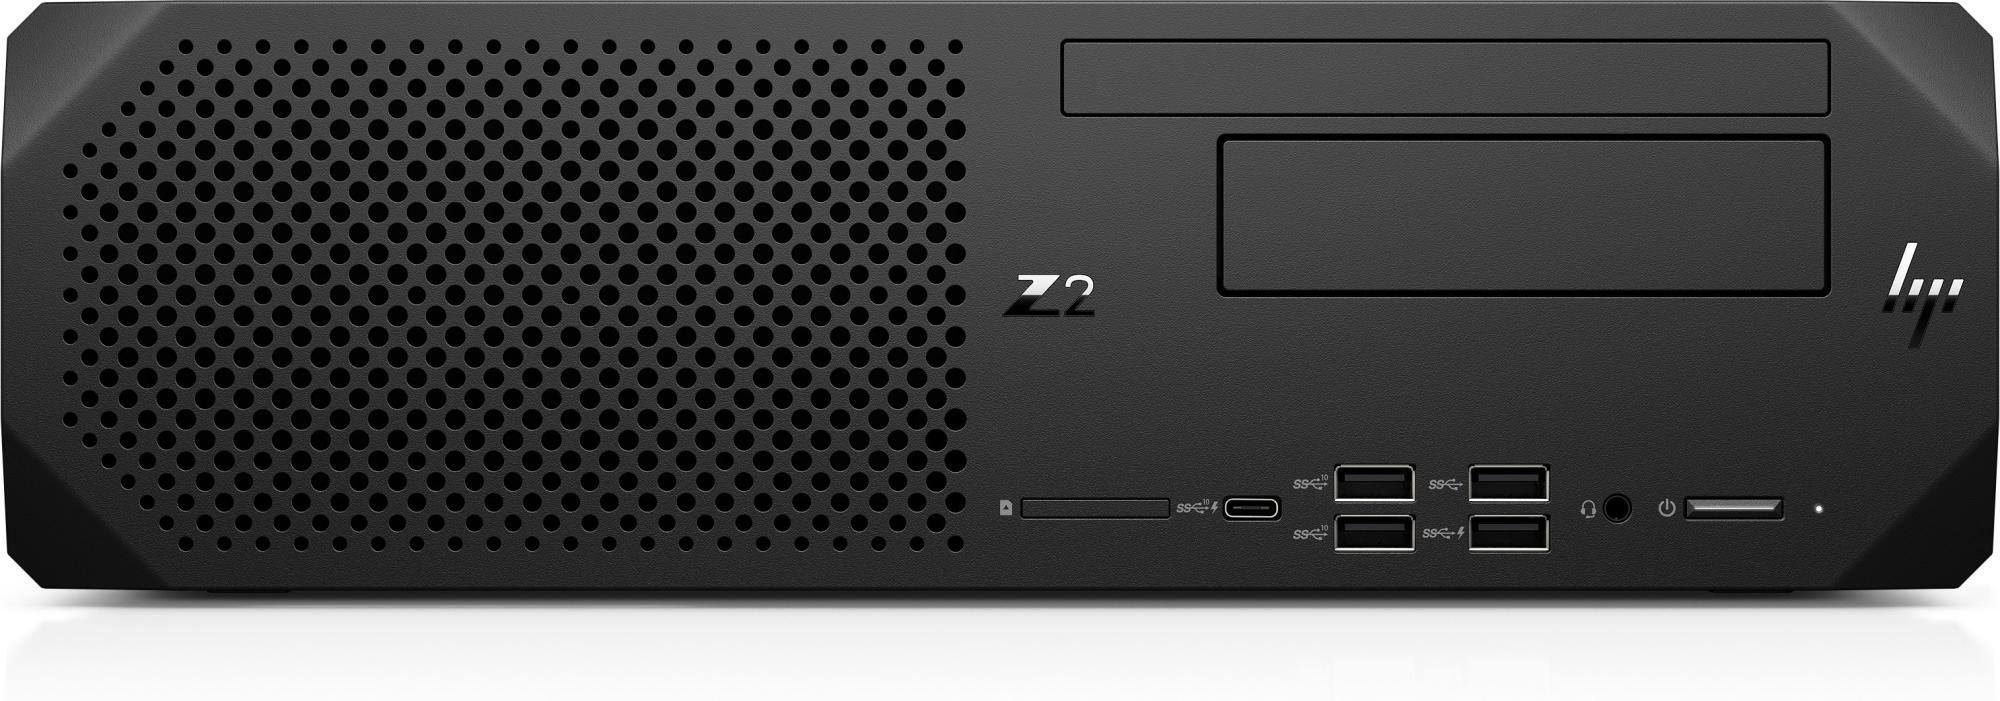 Z2 SMALL FORM FACTOR G5 WORKSTATION DDR4-SDRAM I7-10700 16 GB 512 GB SSD